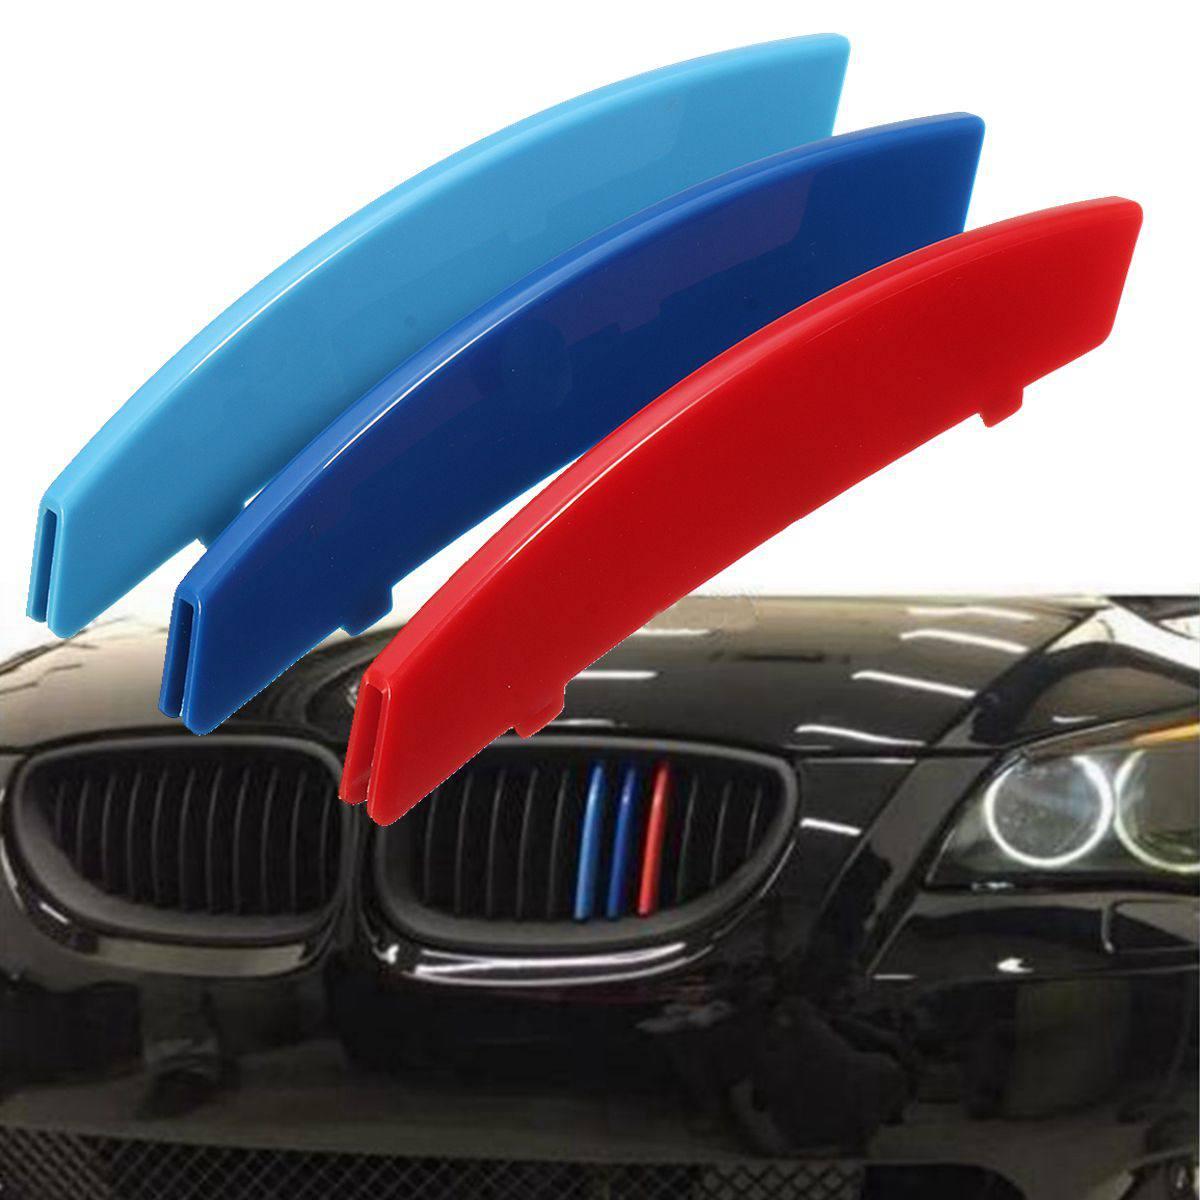 3 sztuk 3D kratka wyścigowa samochodu sportowe pasek klip ABS naklejka naklejka na bmw serii 3 F30 F31 F35 E90 serii 5 F10 F18 E60 X5 X6 E70